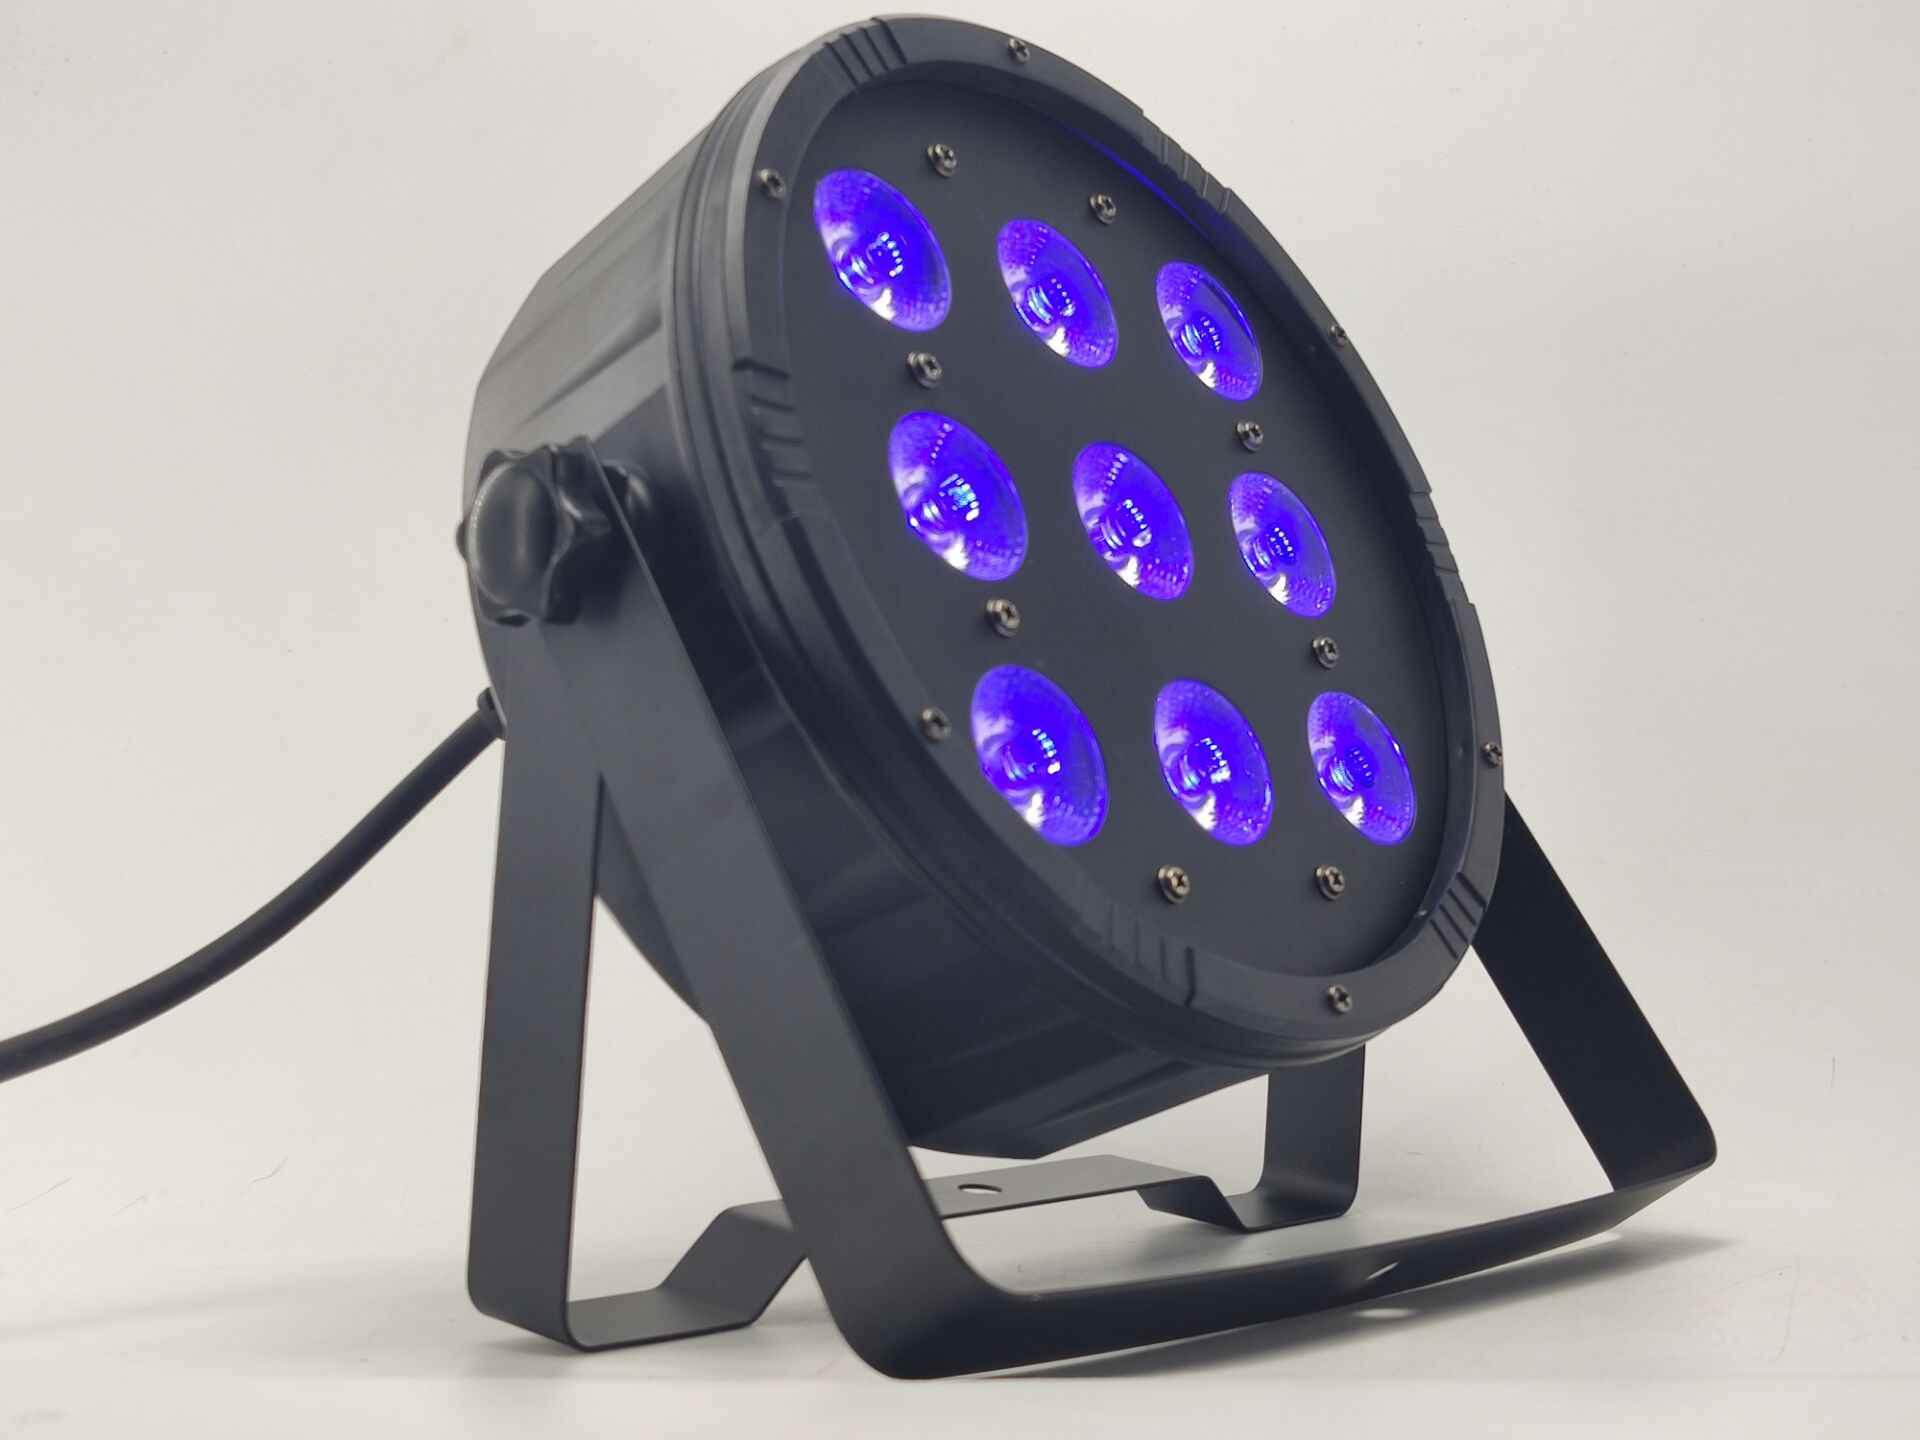 9X12 W RGBW LUCE PAR del LED DMX512 controllo discoteca luce professionale fase attrezzature DJ led della lavata di luce